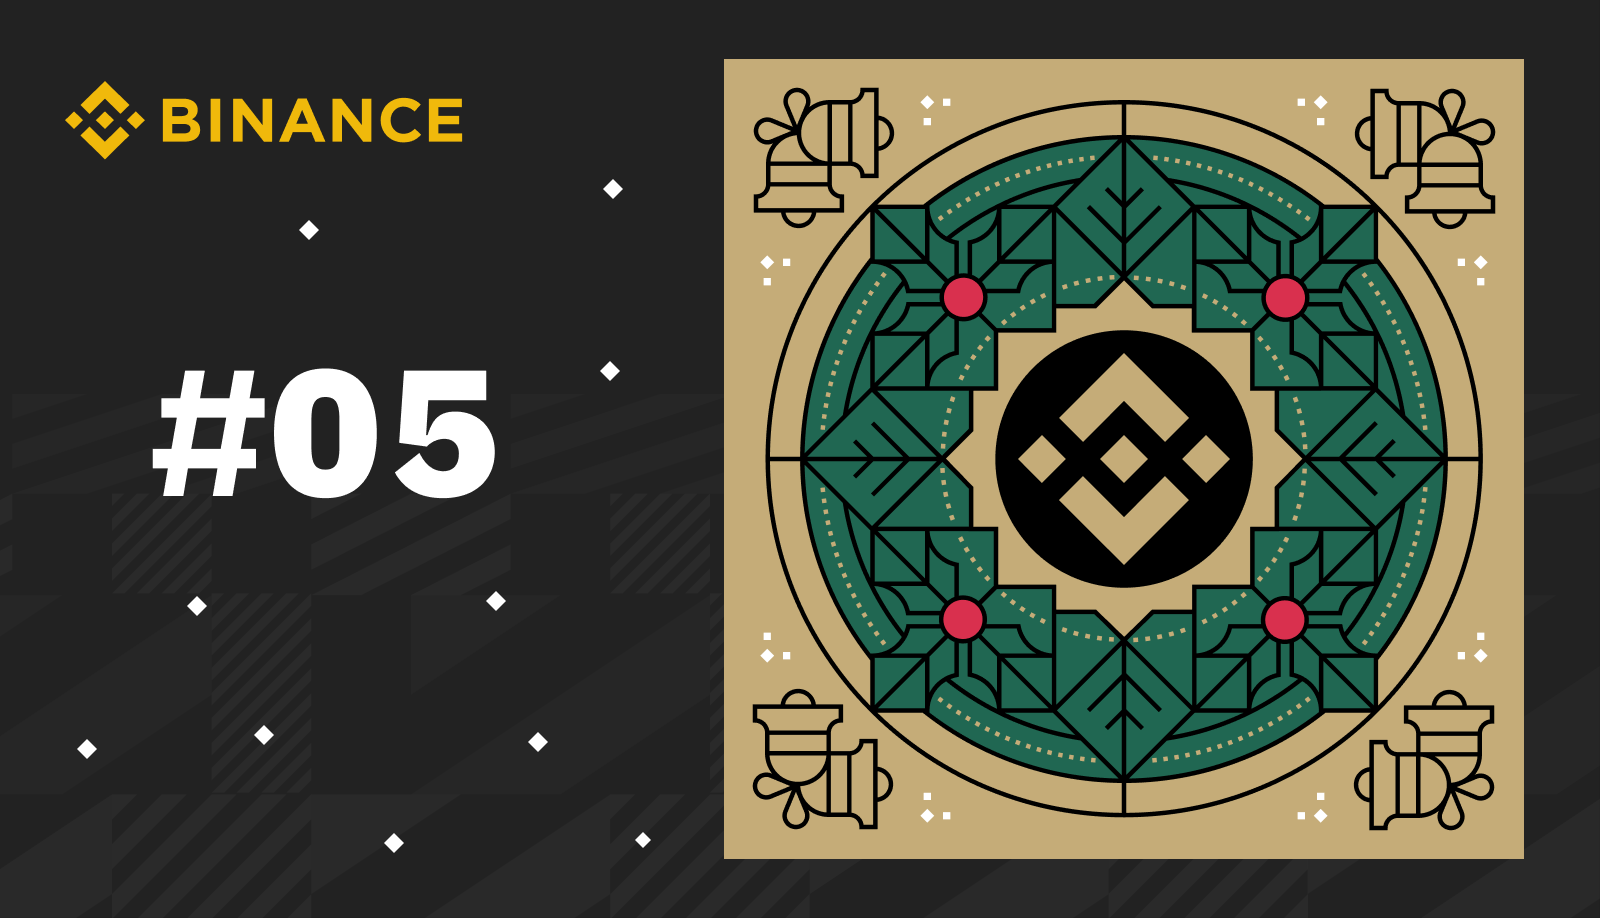 Giành được các token NFT Binance phiên bản giới hạn.